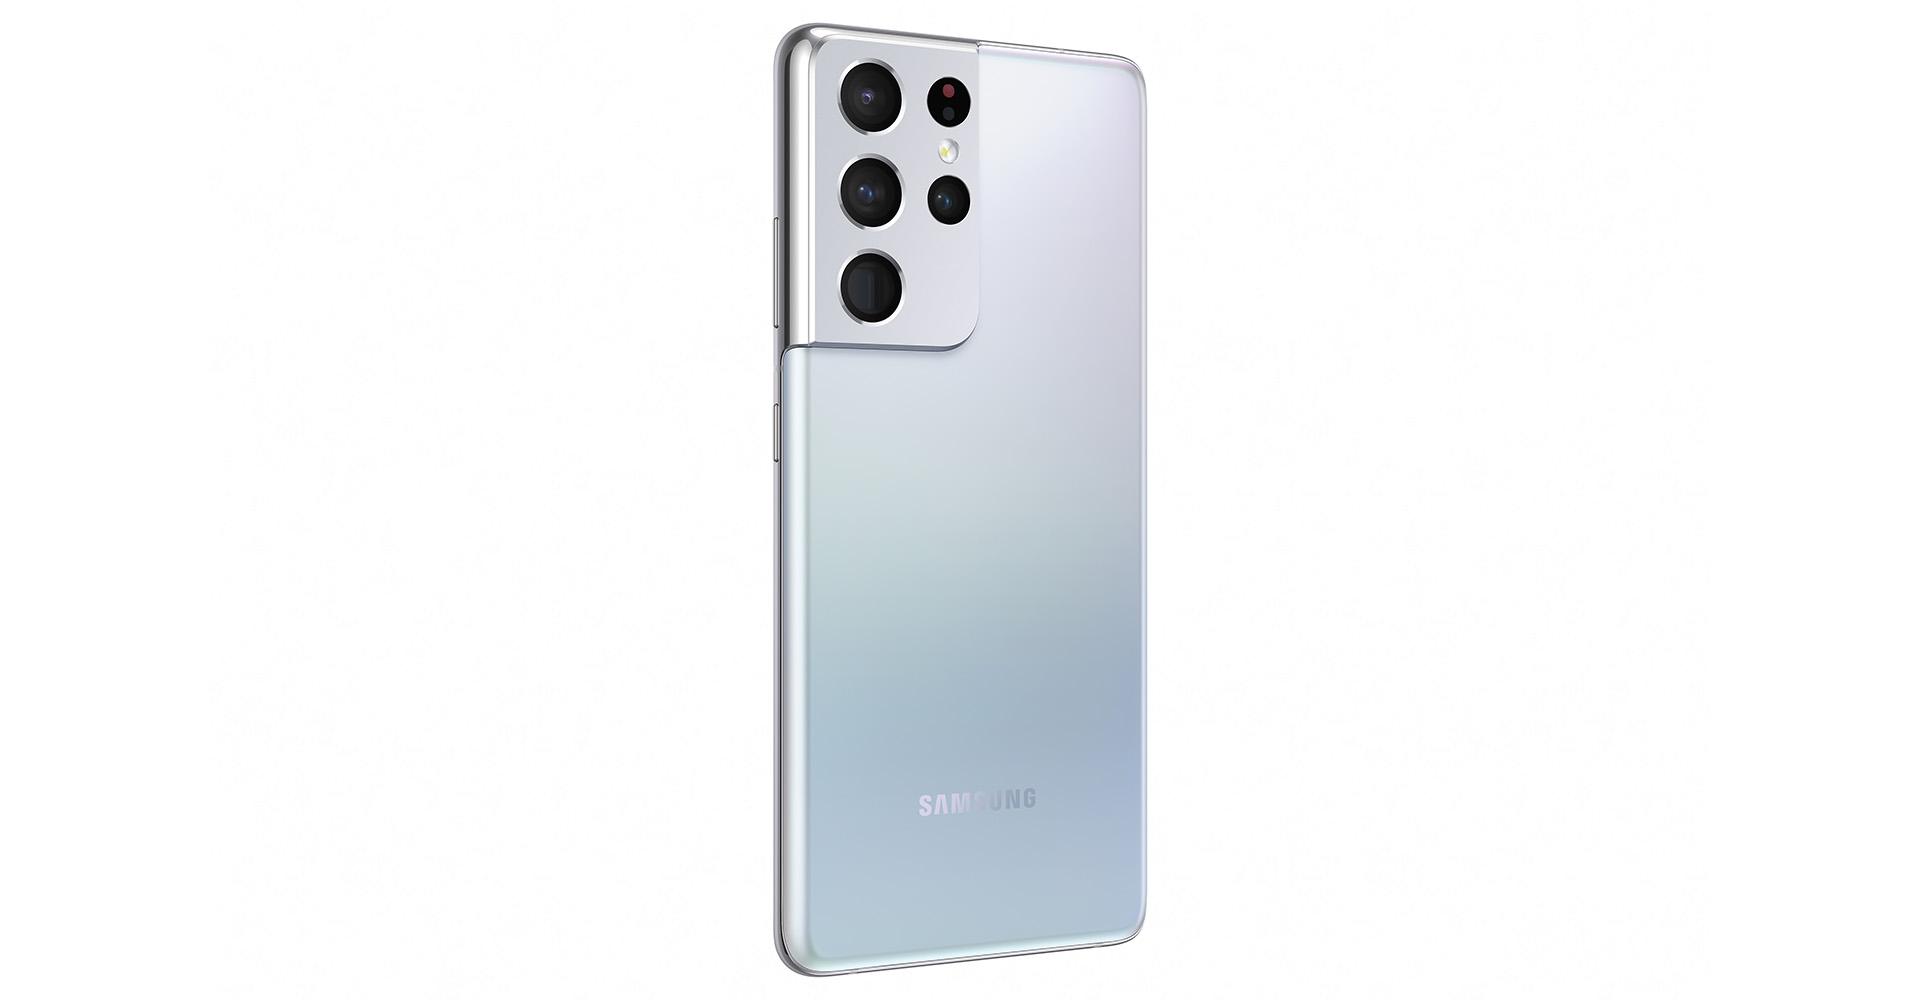 Rückseite des Samsung Galaxy S21 Ultra in Silber